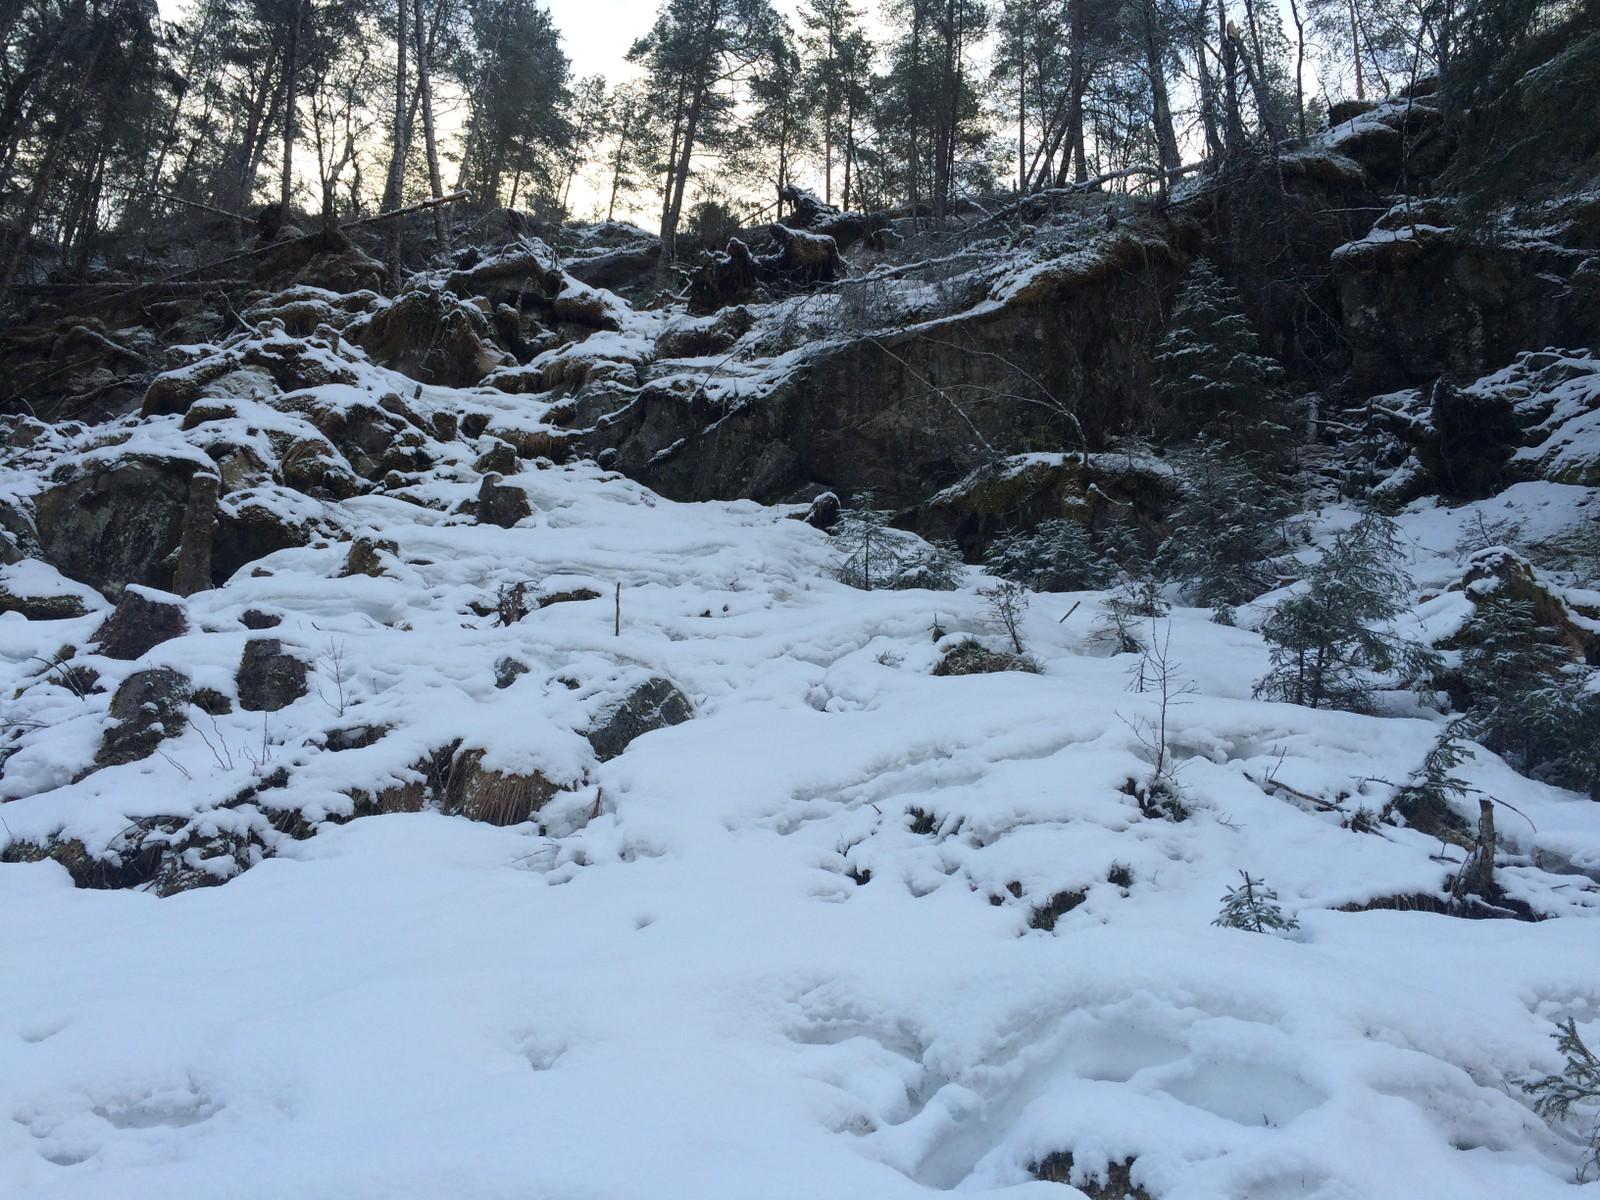 IKKJE TRYGT: I helga rasa det store steinar ned frå denne fjellsida. Boltar og netting skal hindre fleire ras.